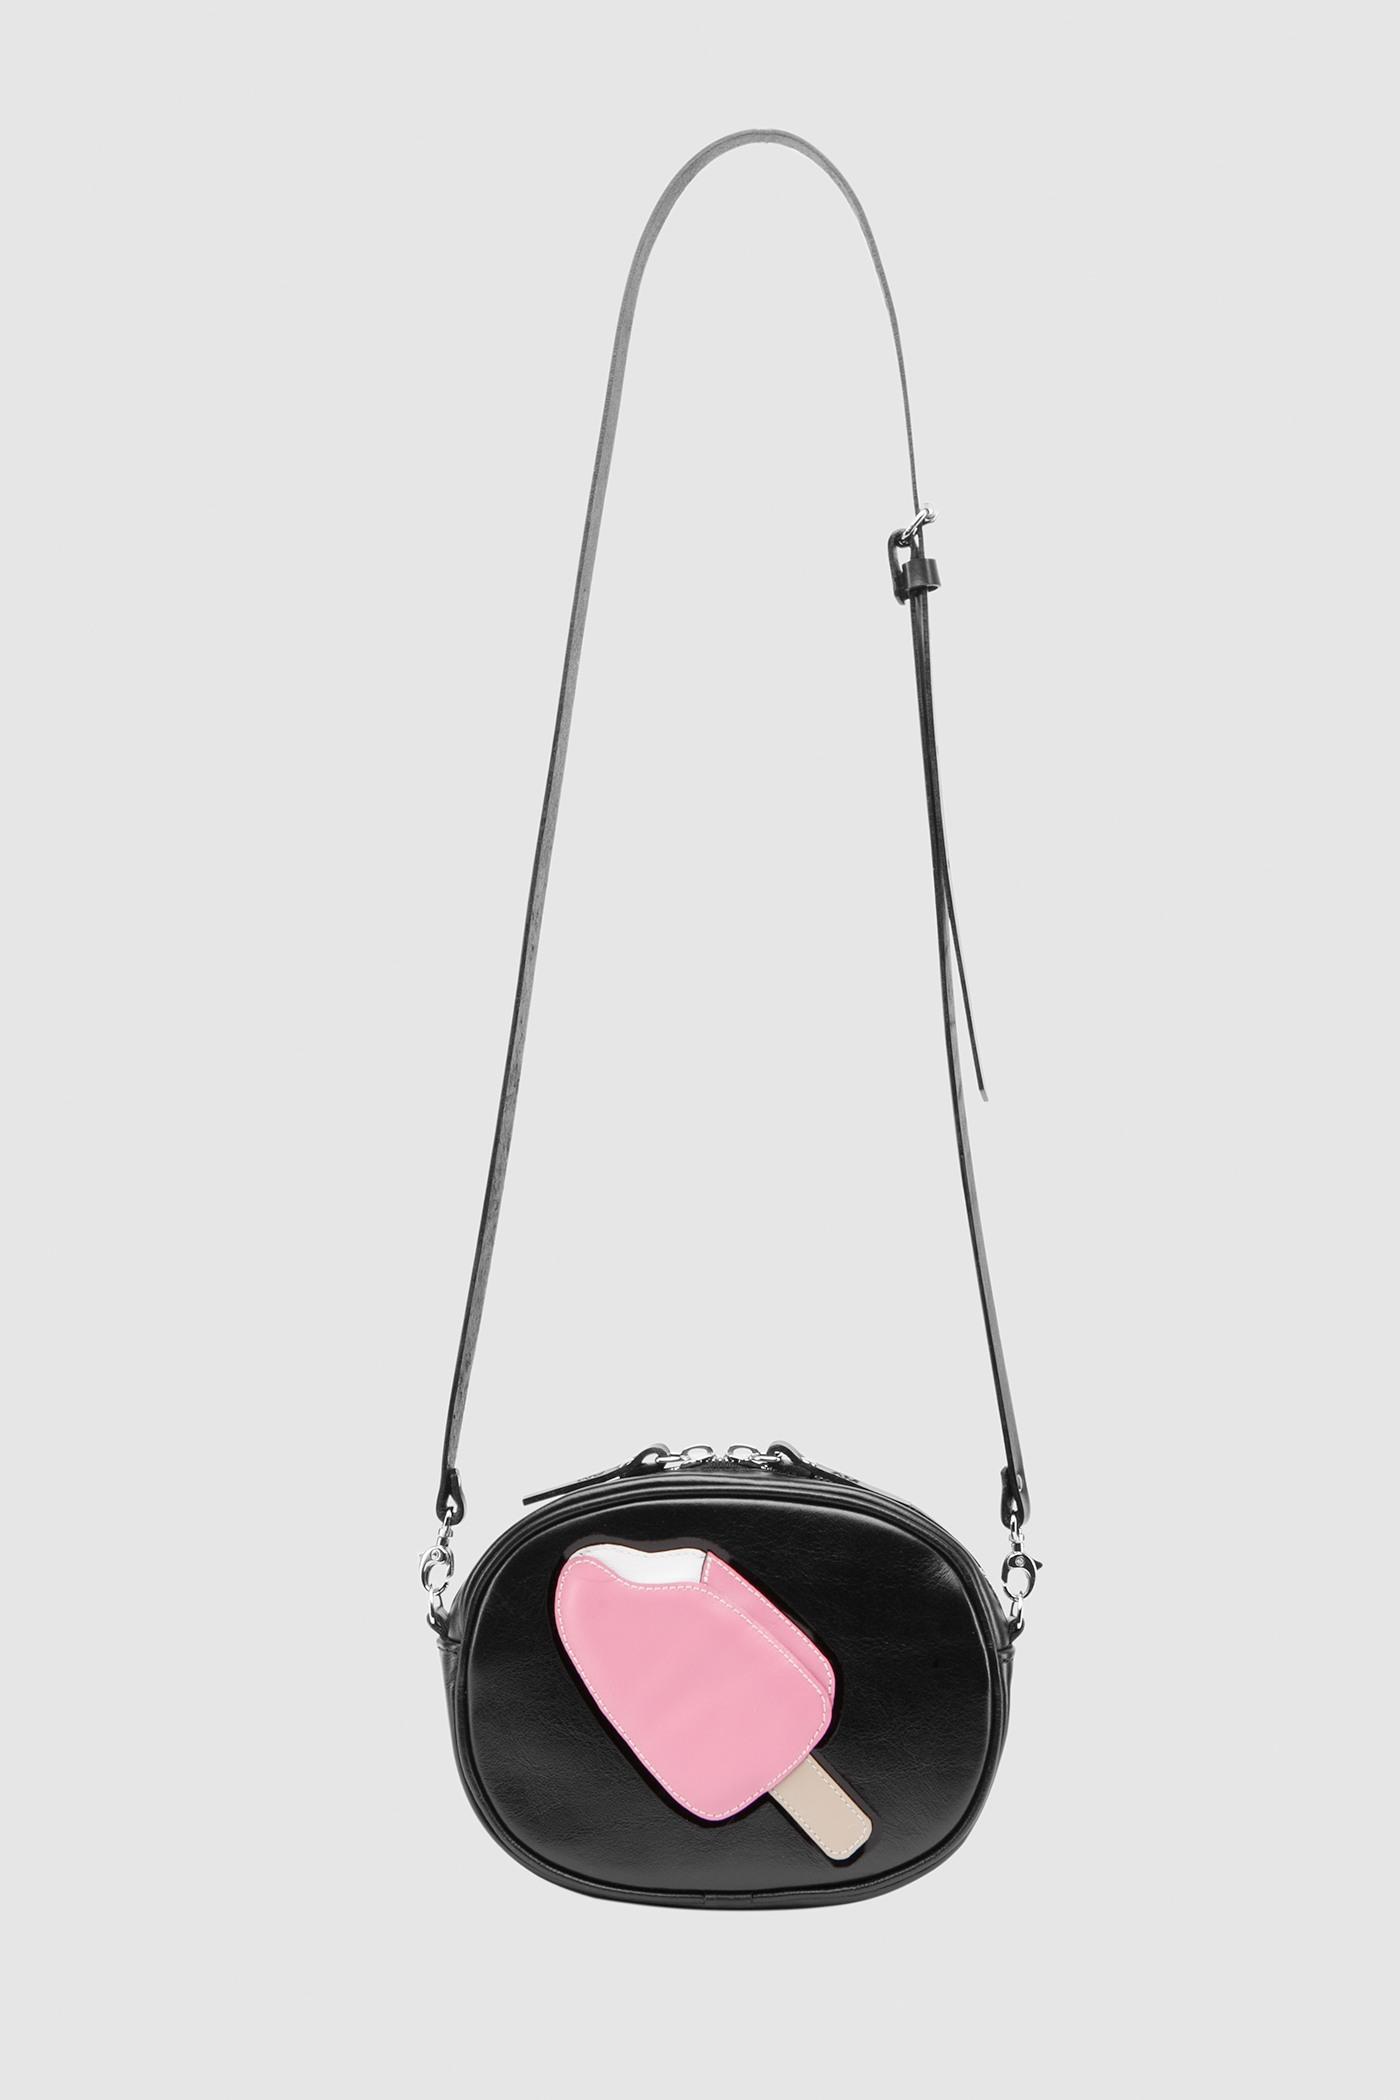 Сумка «Crazy chic»Овальная сумка из мягкой натуральной кожи на молнии с серебряной фурнитурой и цветной аппликацией. Внутреннее отделение на подкладке. Несмотря на небольшие размеры, сумка очень вместительная. Съемный регулируемый ремешок через плечо.&#13;<br>&#13;<br>Кожа: КРС.&#13;<br>&#13;<br>Размеры&#13;<br>Высота: 12,5 см&#13;<br>Длина: 16,6 см&#13;<br>Глубина: 5 см&#13;<br>Высота ремешка: max 120 - min 70 см&#13;<br>&#13;<br>ФИНАЛЬНАЯ РАСПРОДАЖА - обмену и возврату не подлежит!<br><br>Цвет: Черный